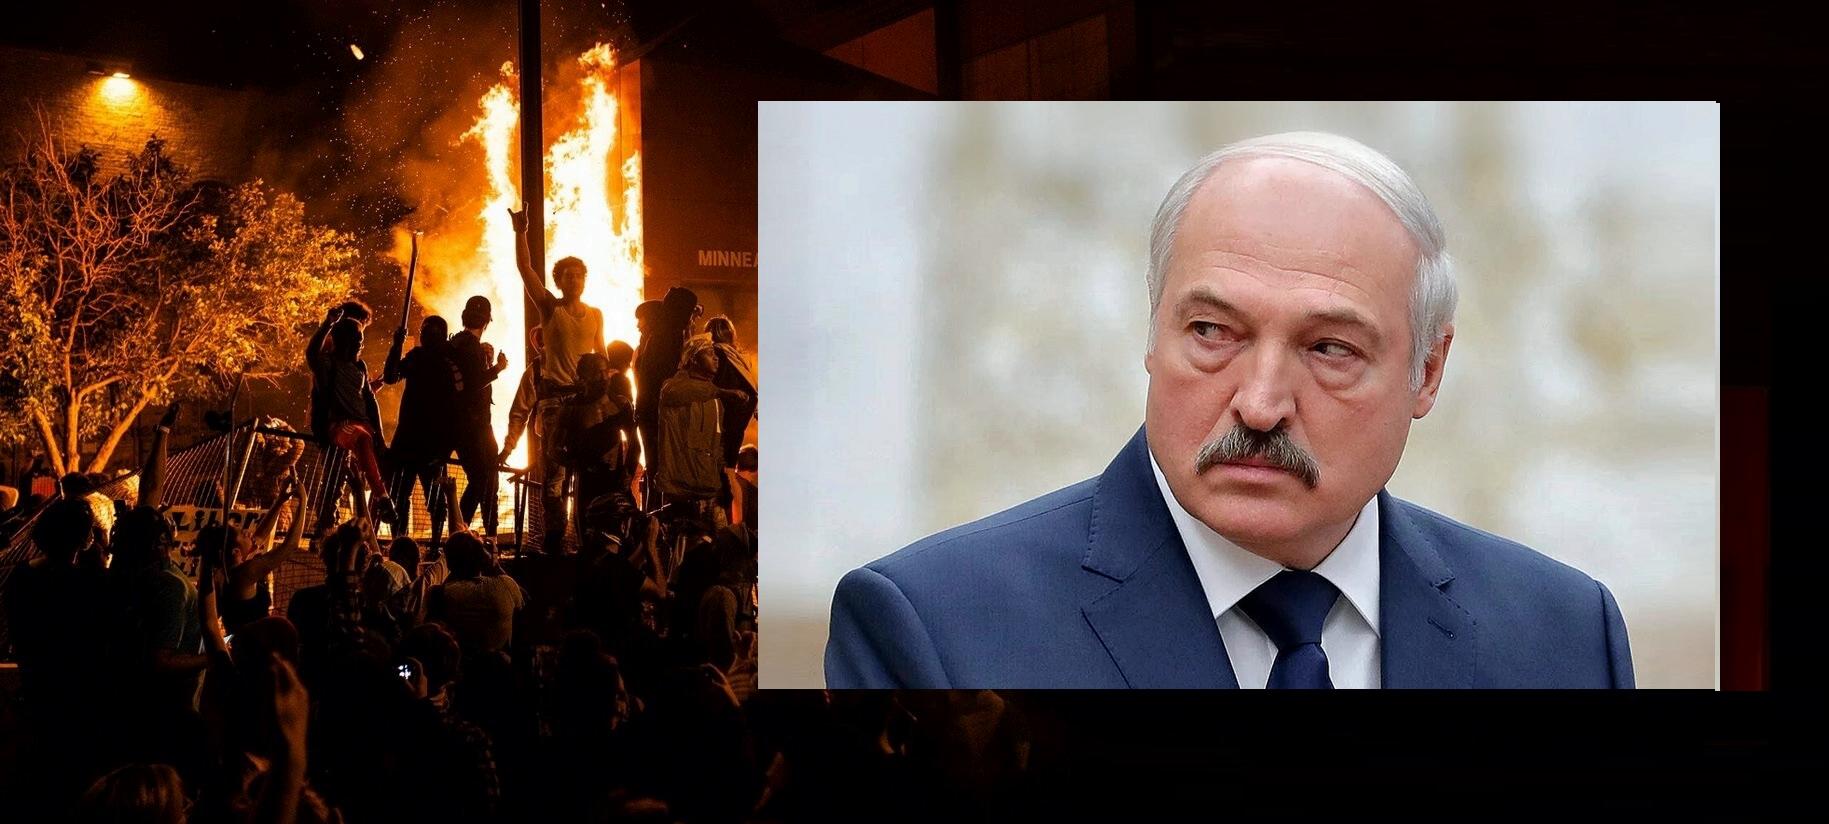 «Если вы свалите Лукашенко, то помните...»: памятка протестующим белорусам на случай прихода к власти